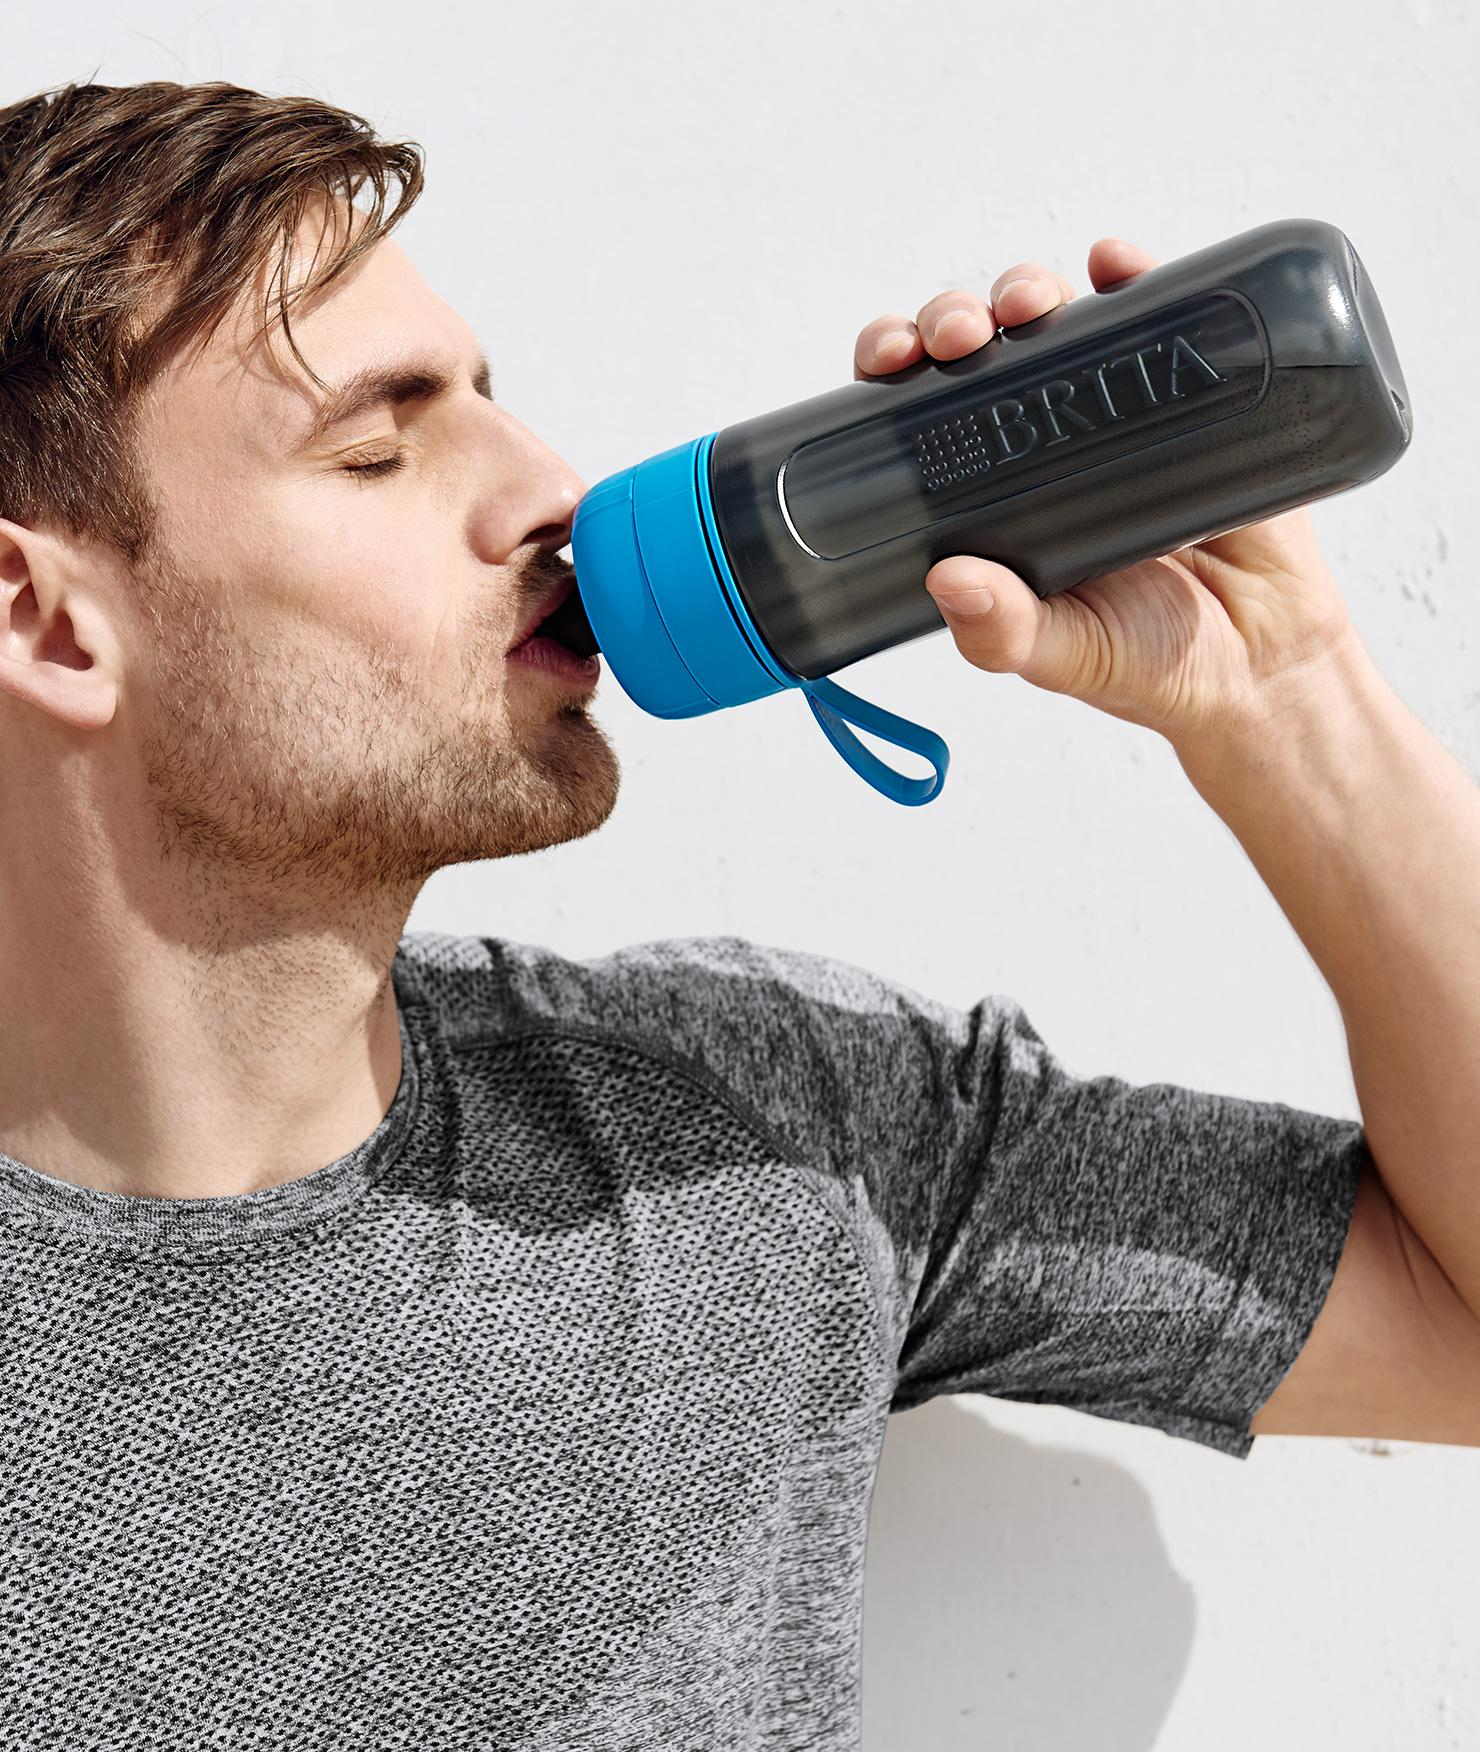 BRITA fabbisogno idrico personale uomo beve acqua